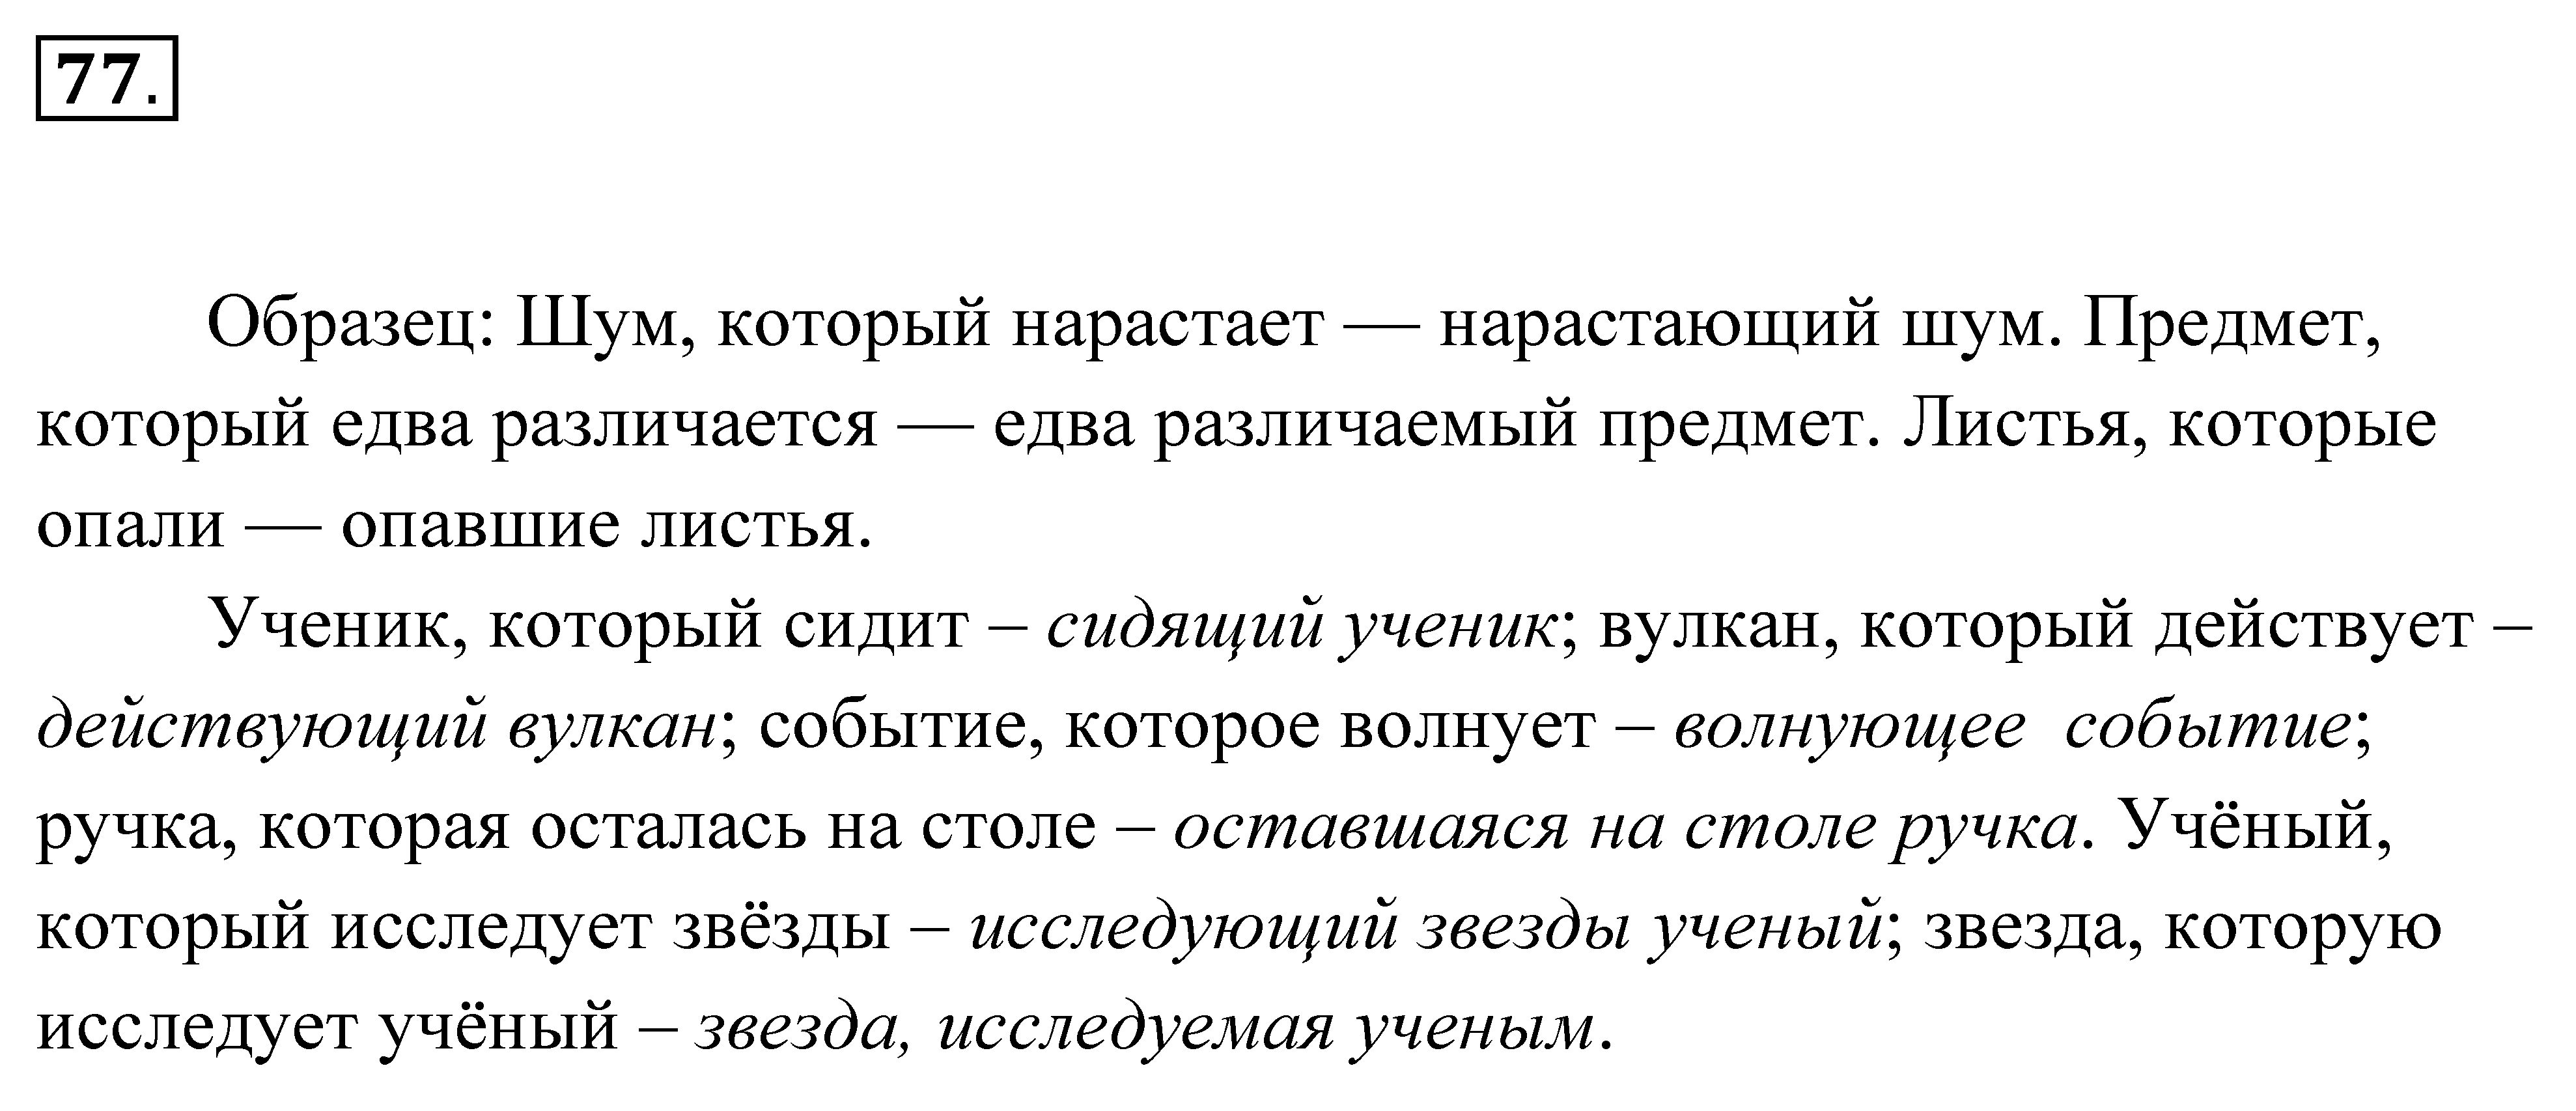 Гдз по русскому языку 7 класс упражнение 205 автор пименова еремеева купалова